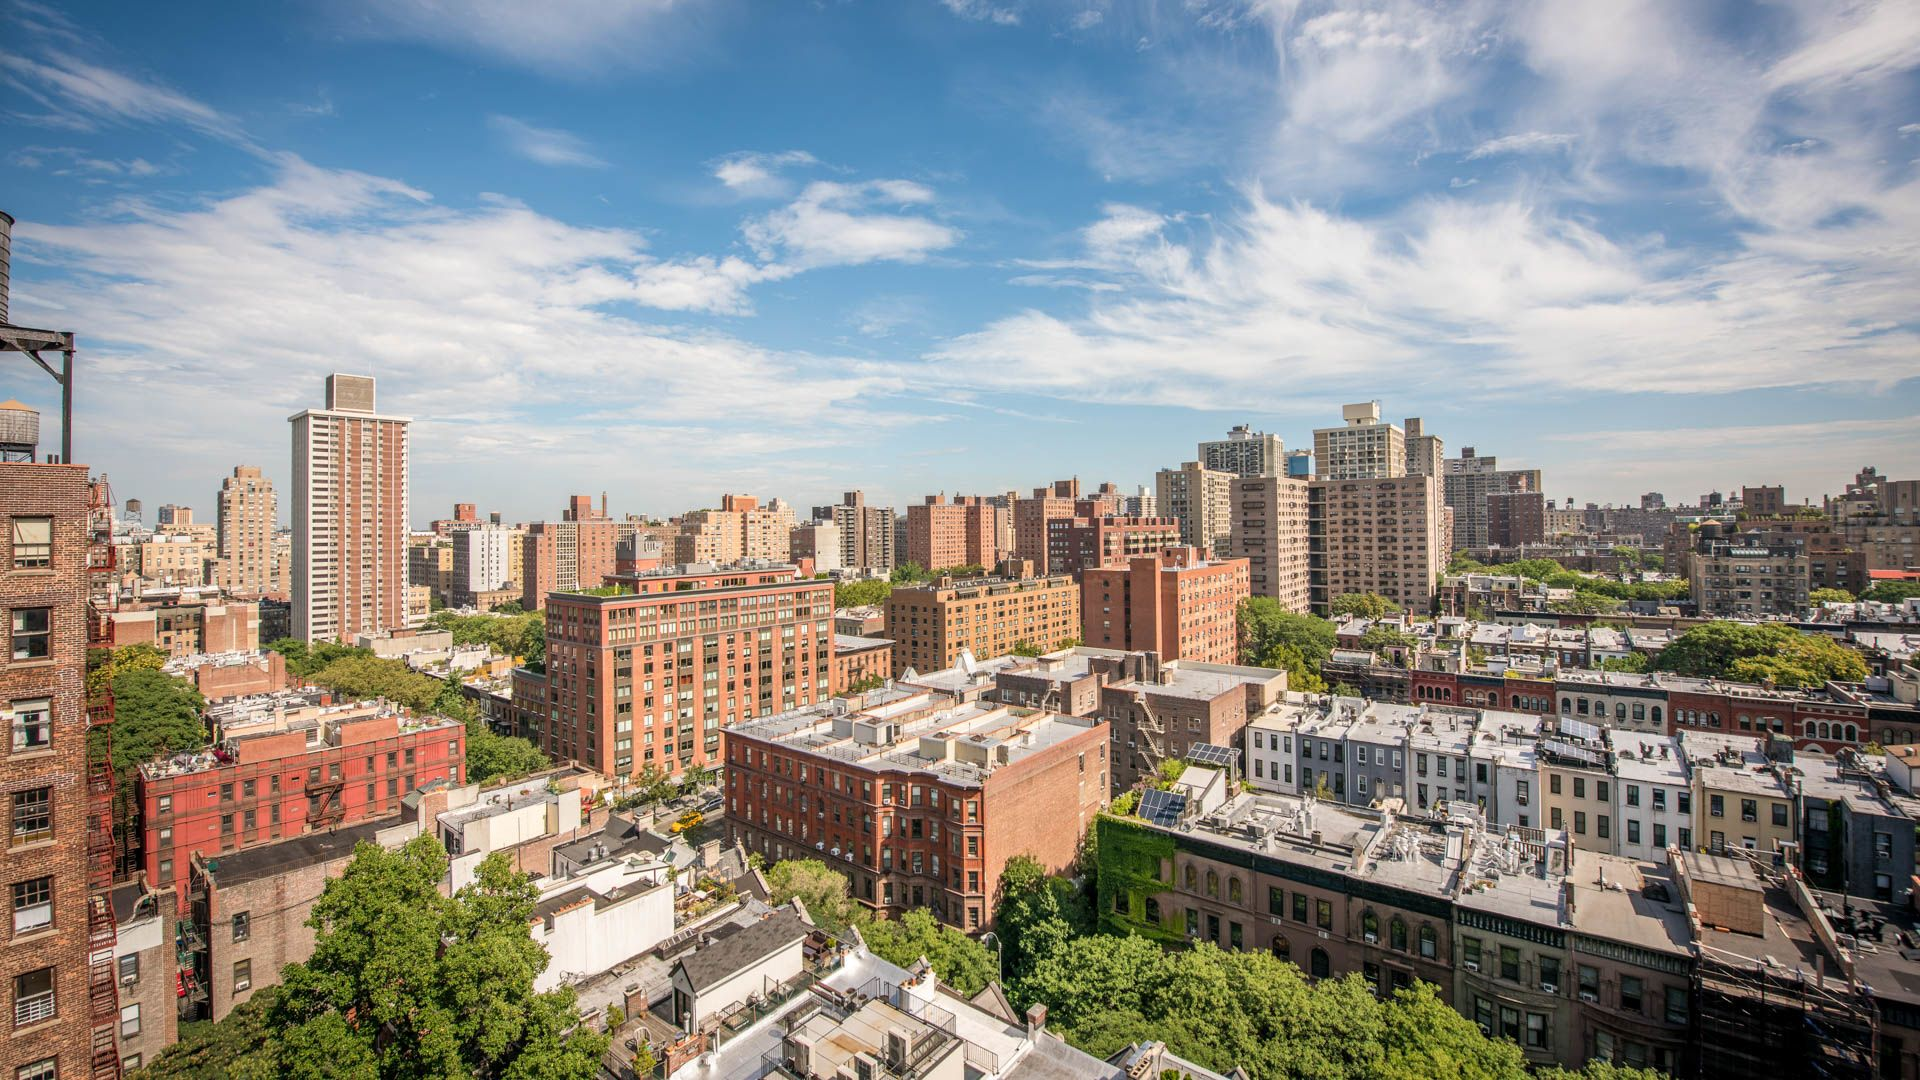 Parc Cameron Apartments - Views